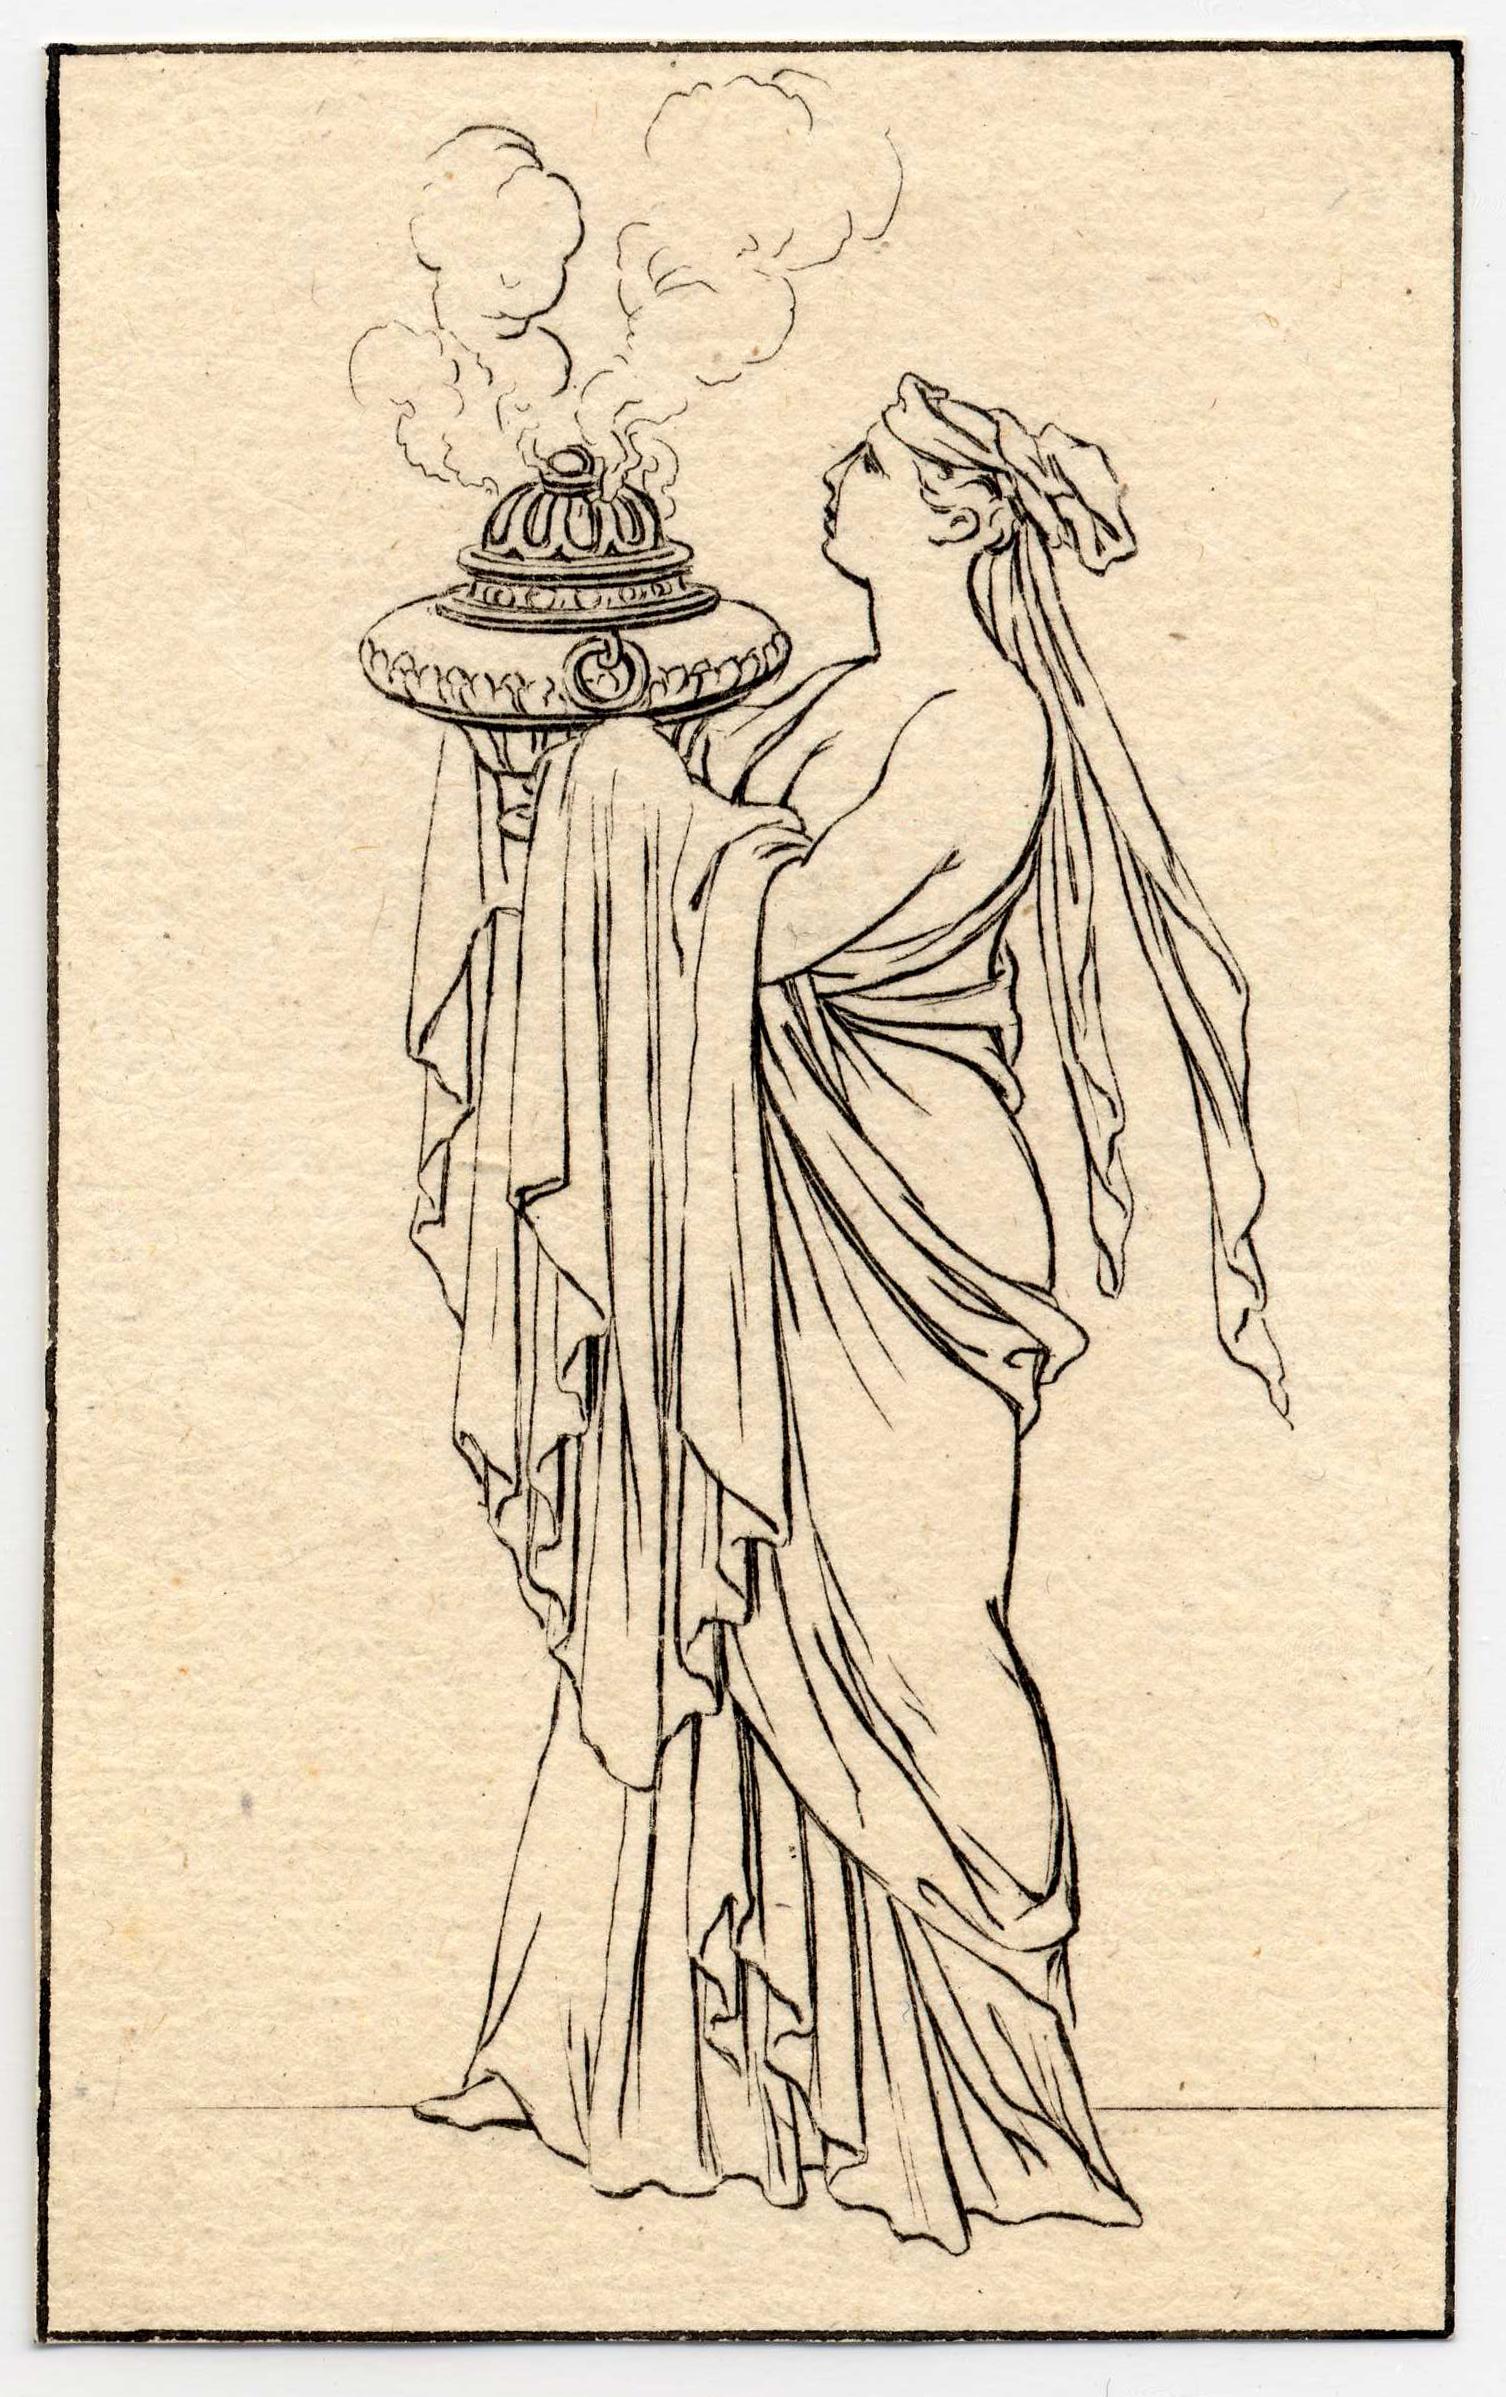 Contenu du Divers habillements des anciens Grecs et Romains, planche 15: une femme portant une cassolette